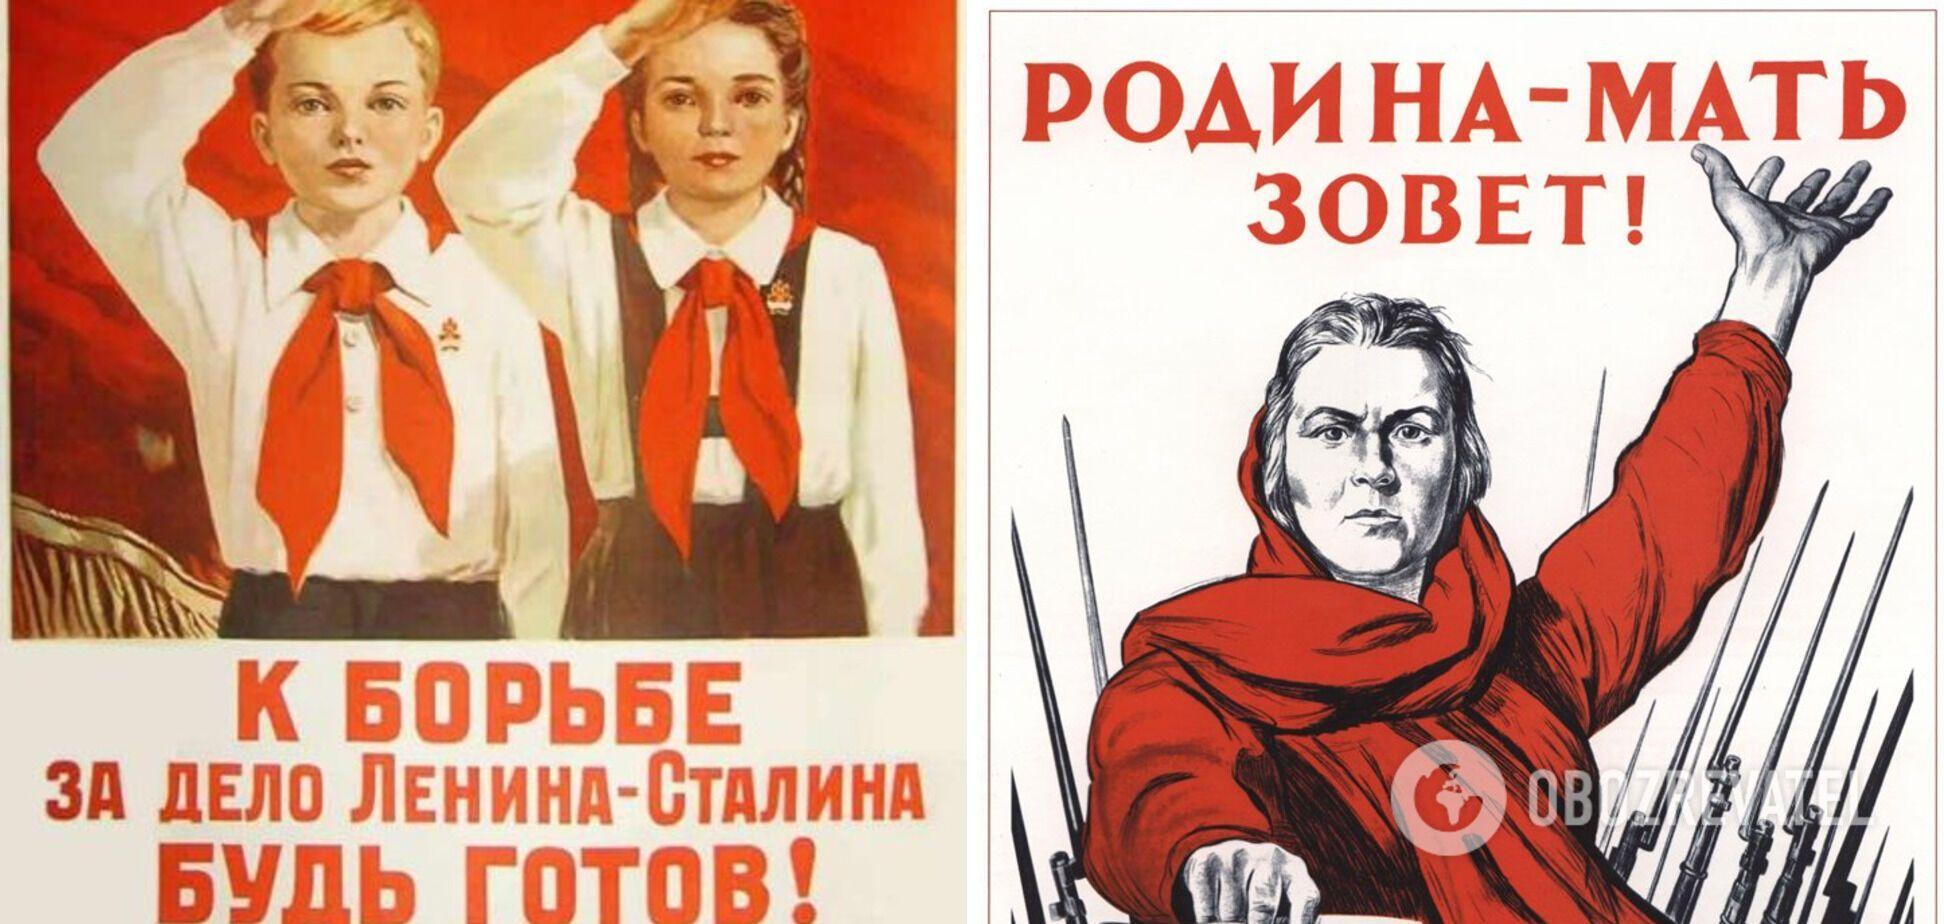 В СРСР було багато пропаганди комуністичного режиму